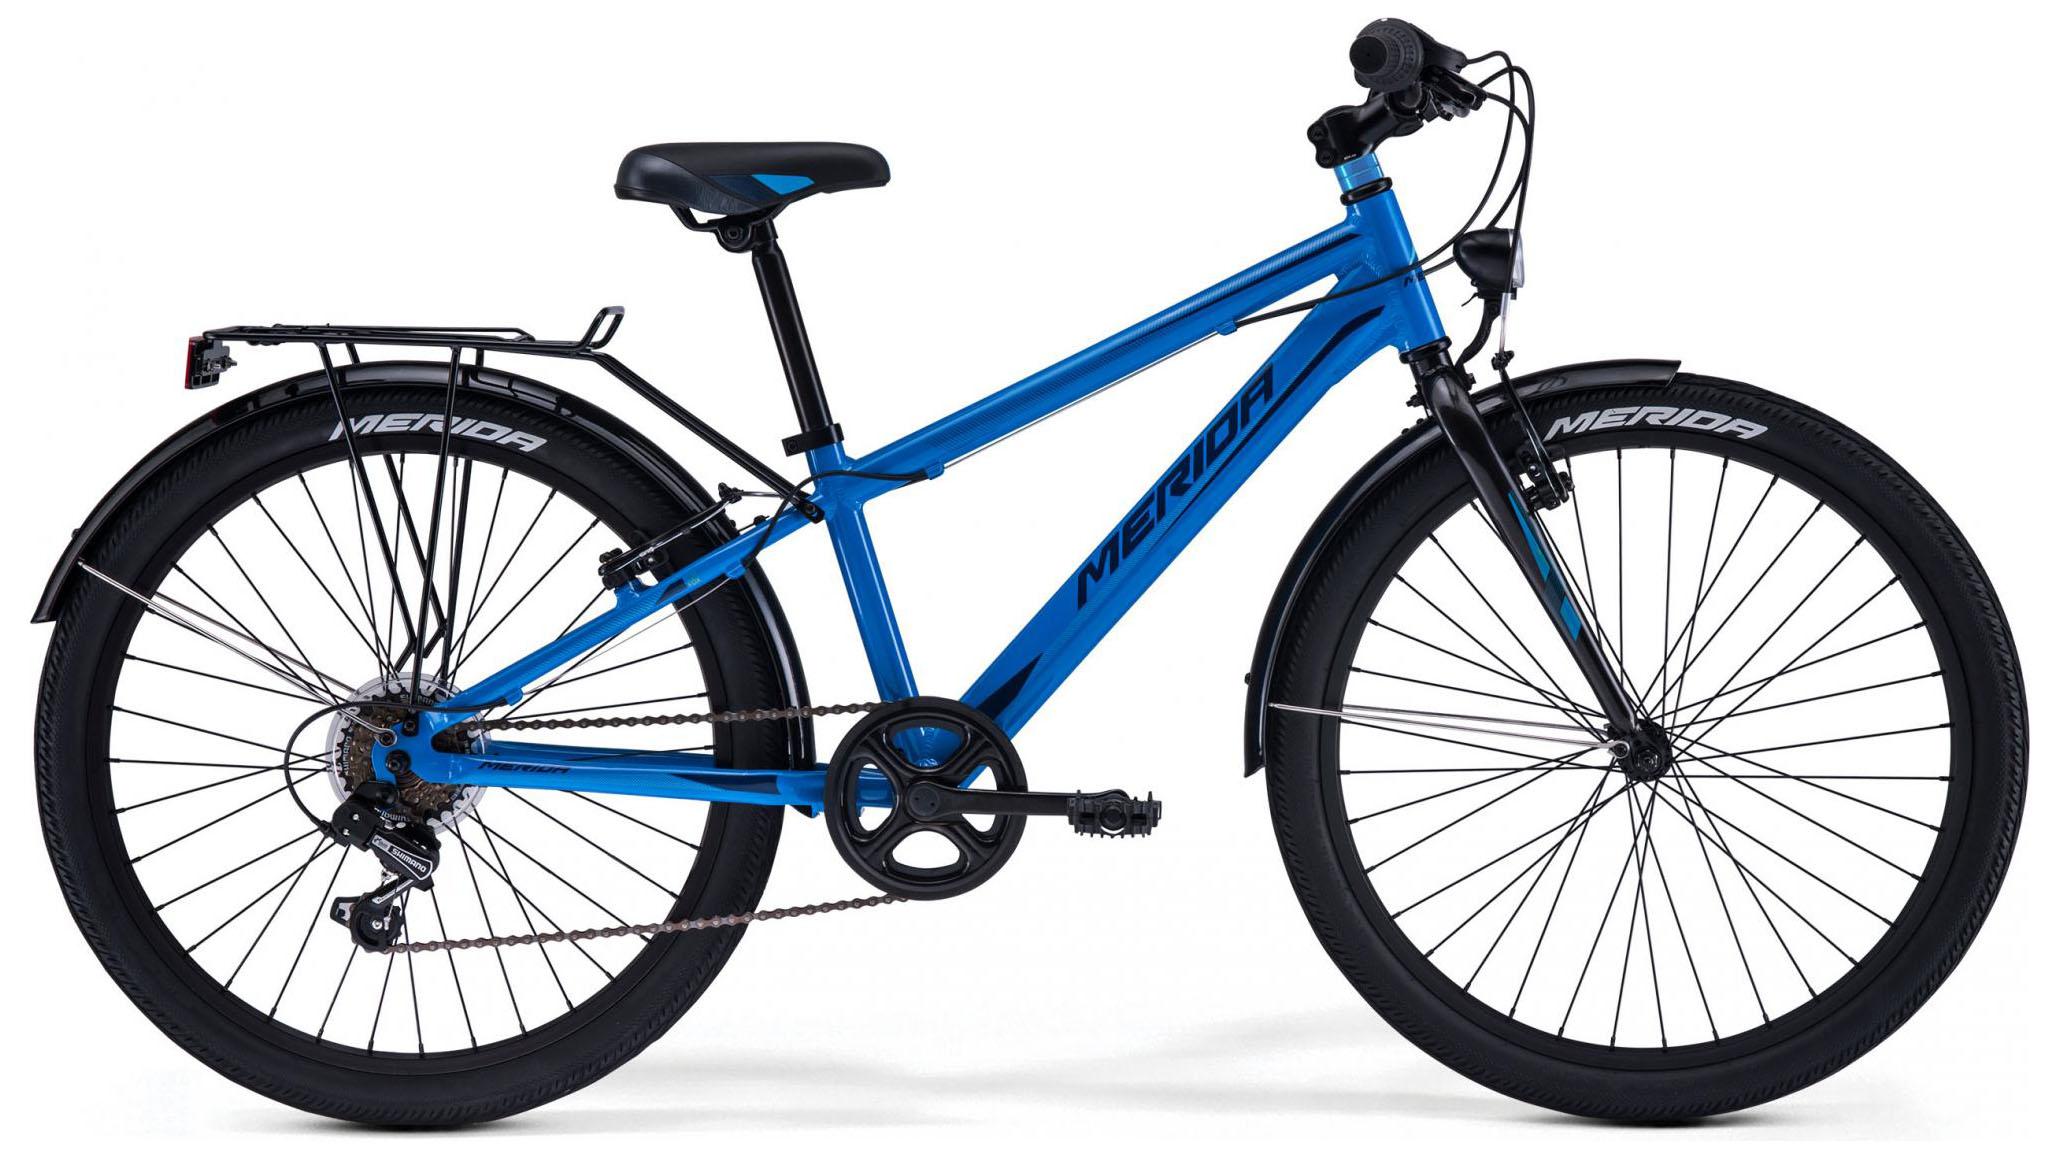 Велосипед Merida Fox J24 2019 велосипед merida scultura 4000 tw 2019